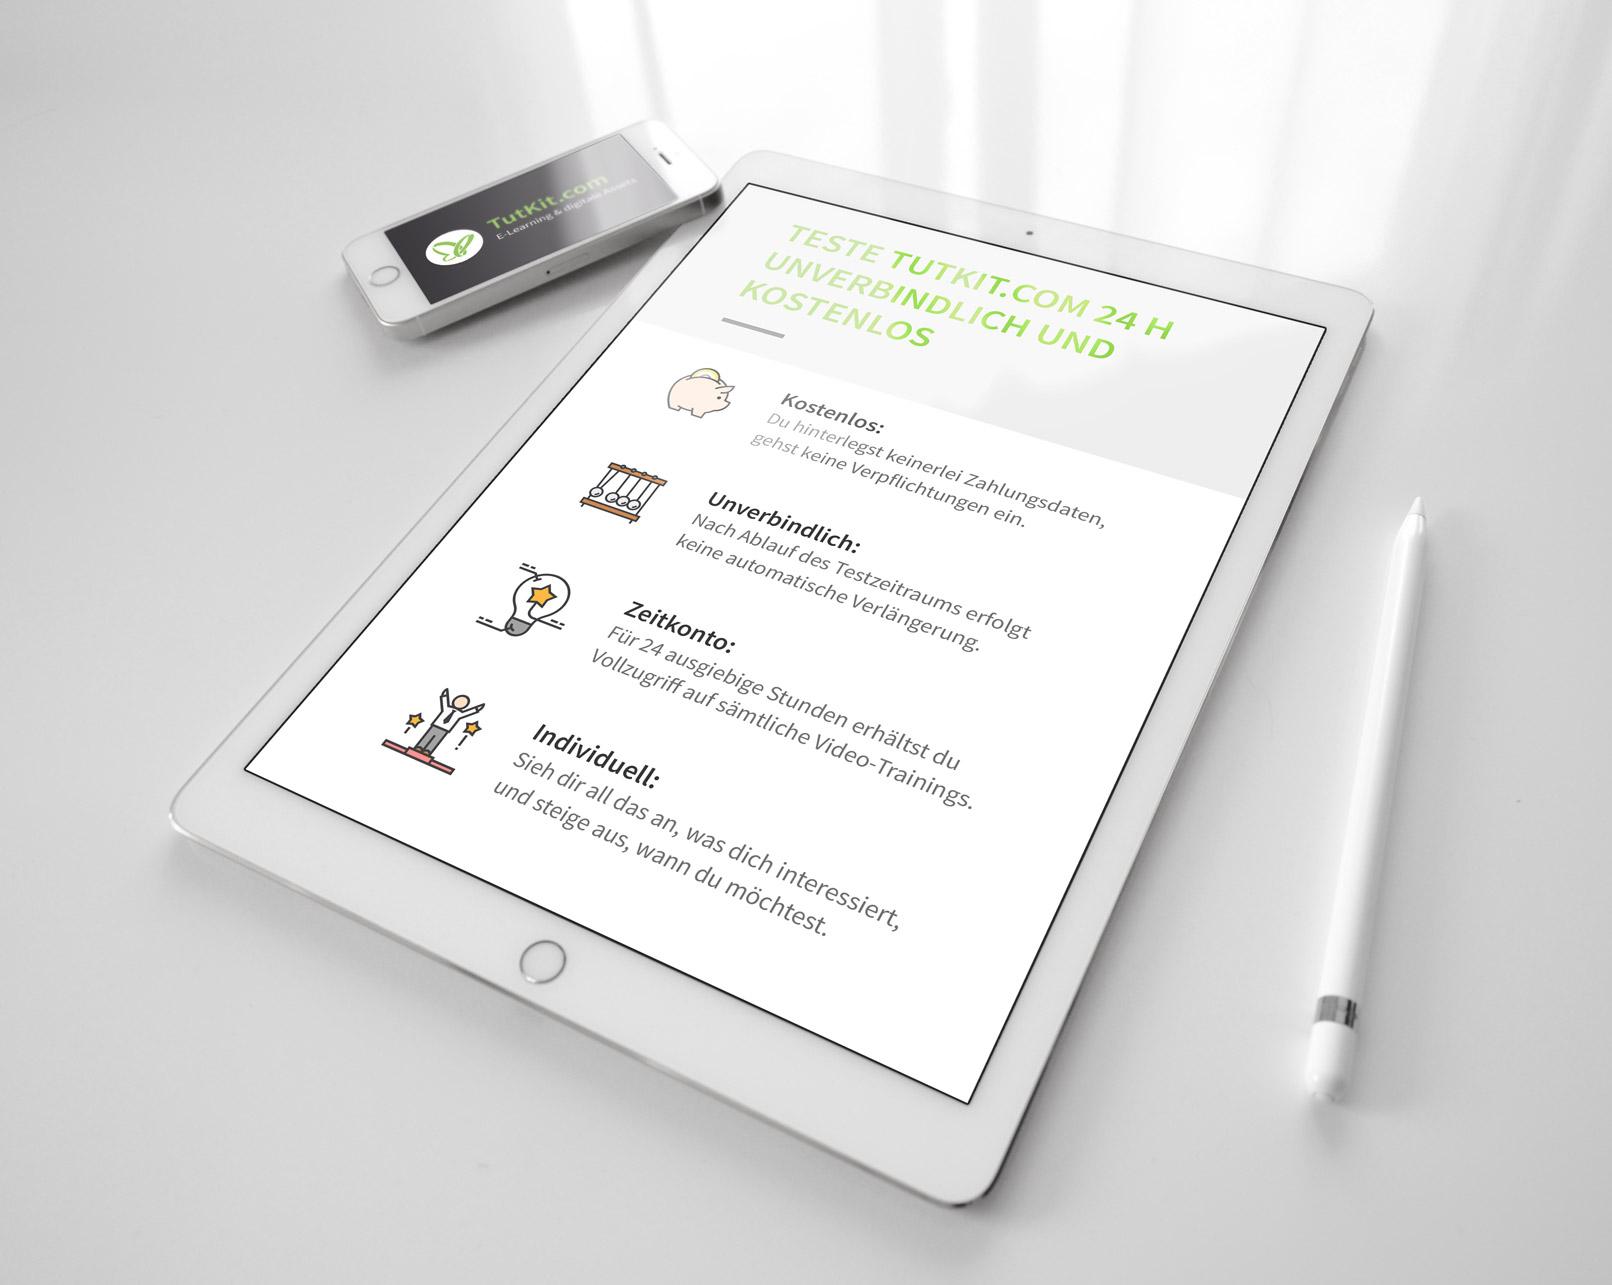 Tablet mit Webseite und Business-Icons